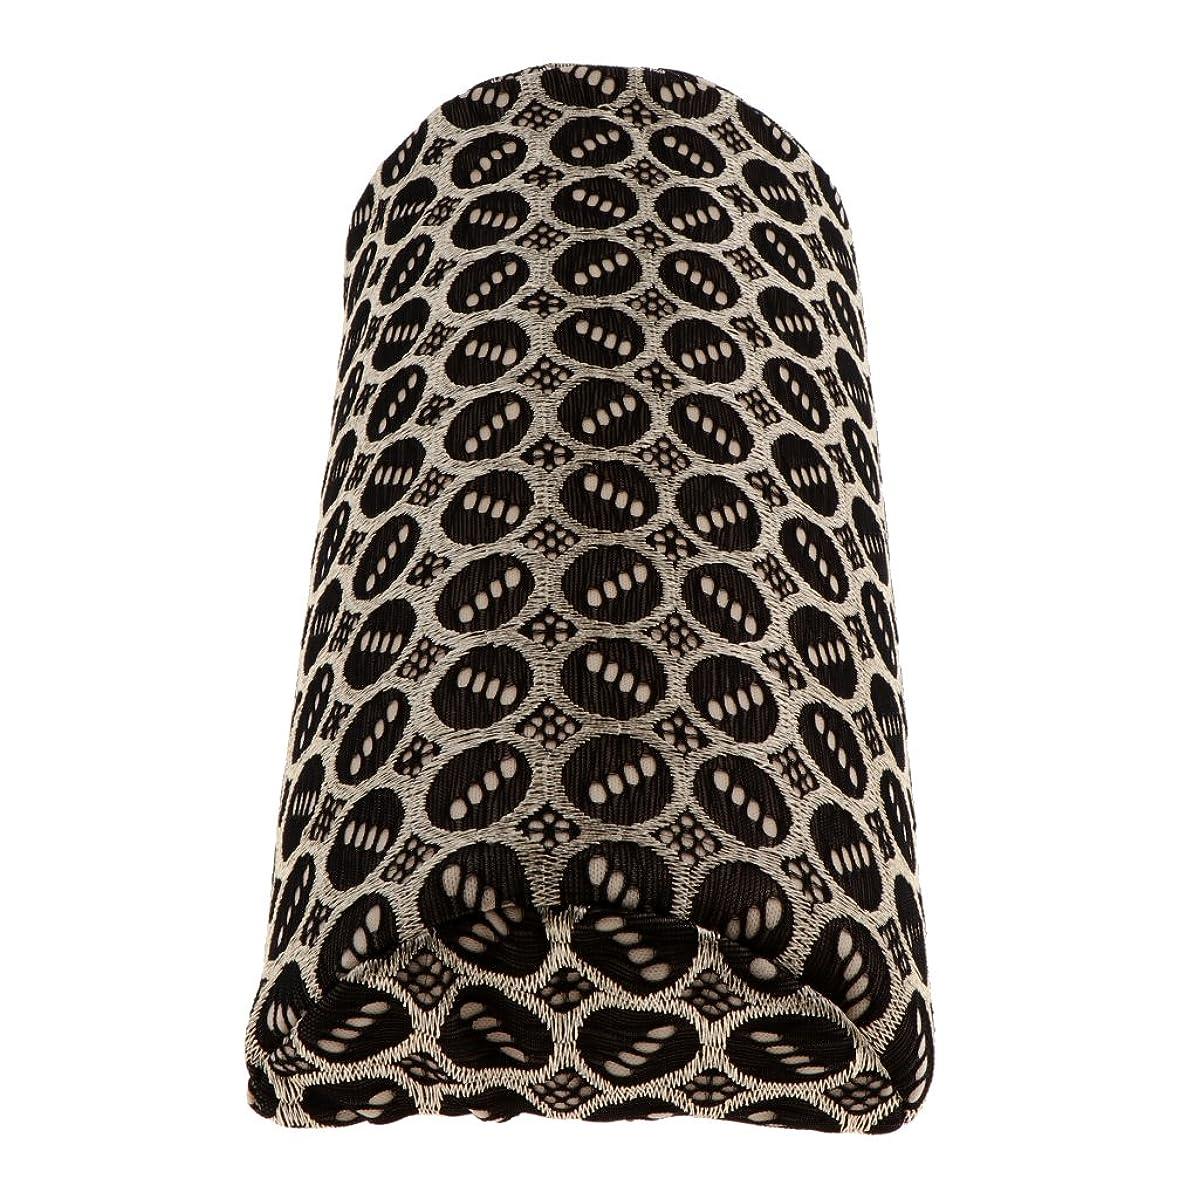 わかりやすい電気技師エッセンスKesoto ハンドレストピロー ネイルアート ソフト サロン ネイル レストクッション 枕 洗濯可 取り外し可能 ハンドホルダーツール 8タイプ選べ - 7#